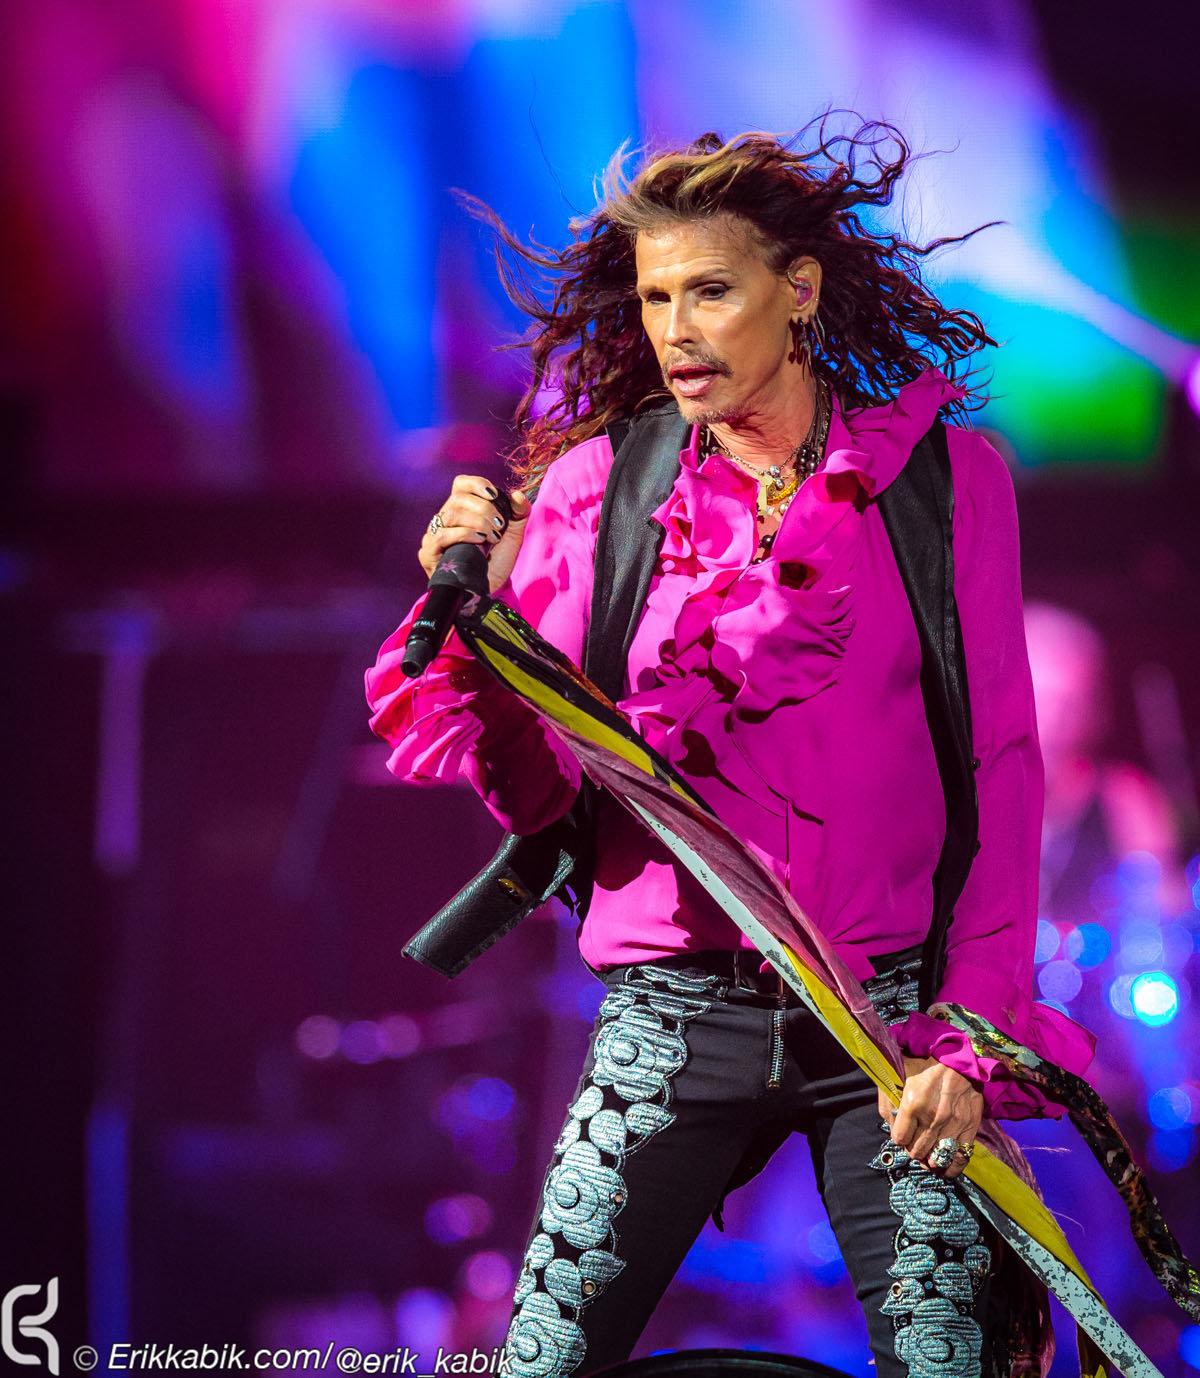 08_01_15_Aerosmith_MGM_kabik-154.jpg